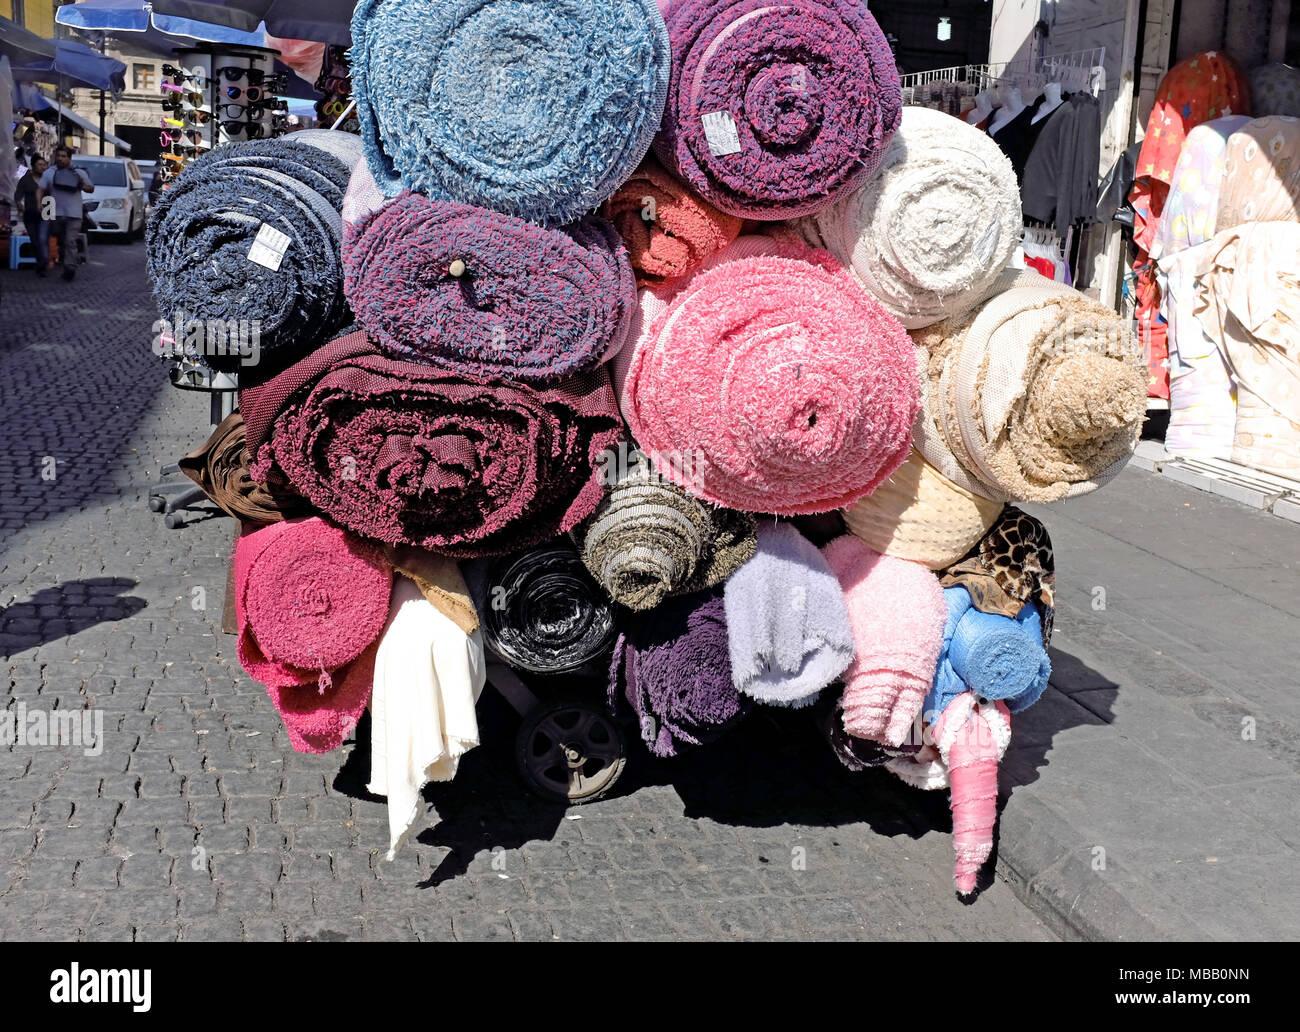 Rotoli di moquette sono trasportati attraverso la piazza del mercato in centro storico di Città del Messico. Foto Stock